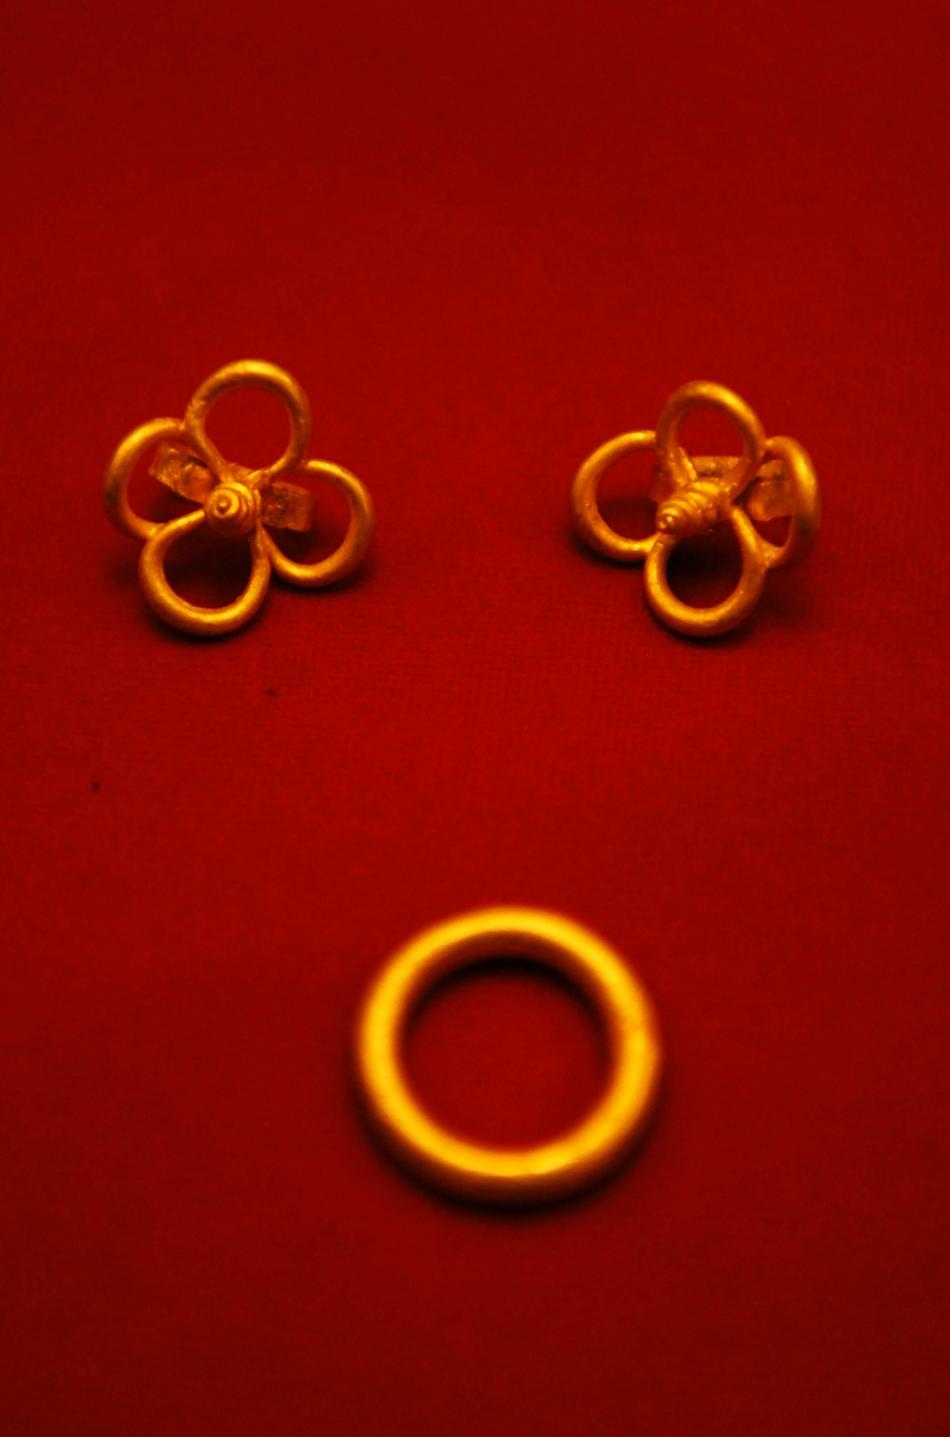 Unele dintre bijuterii au o lucrptură mai simplă; altele însă, sunt impresionante prin decorul bogat.